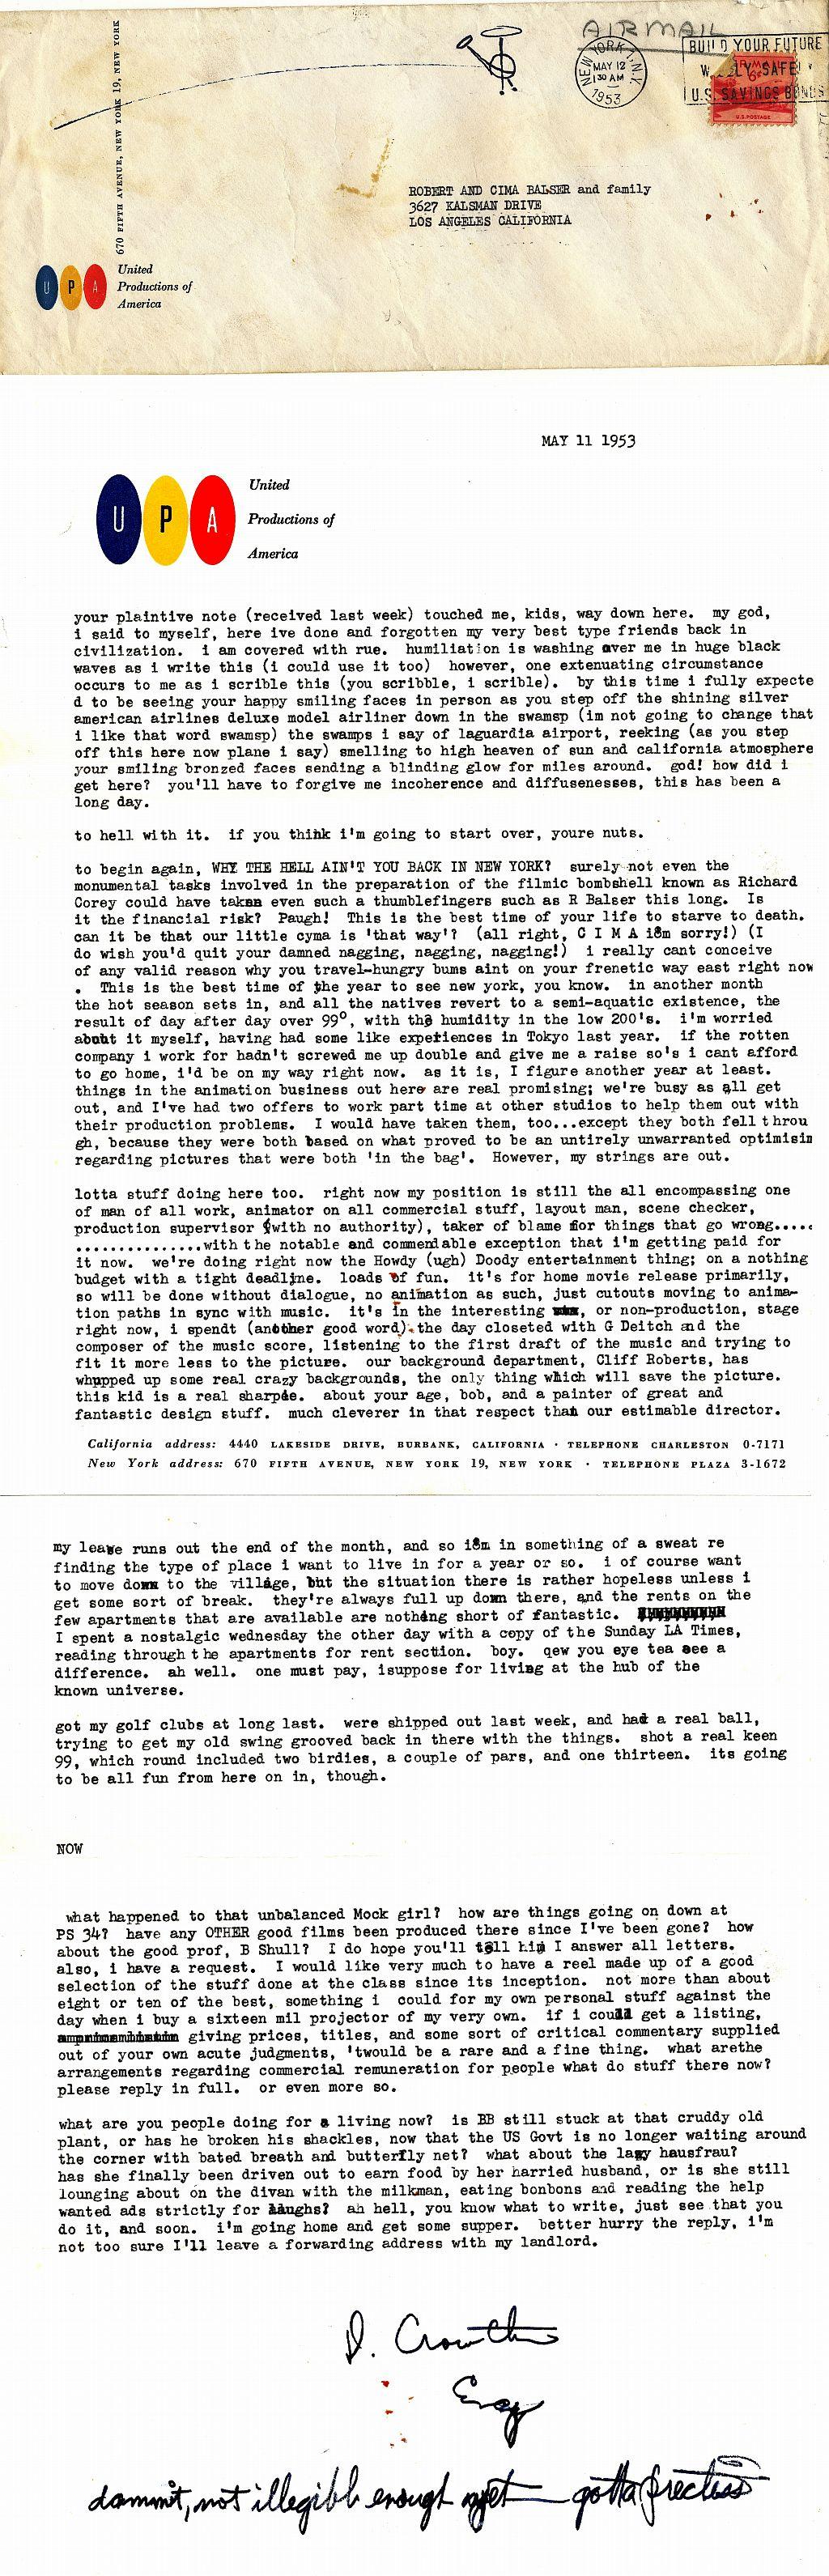 duane-letter-5-11-53.jpg